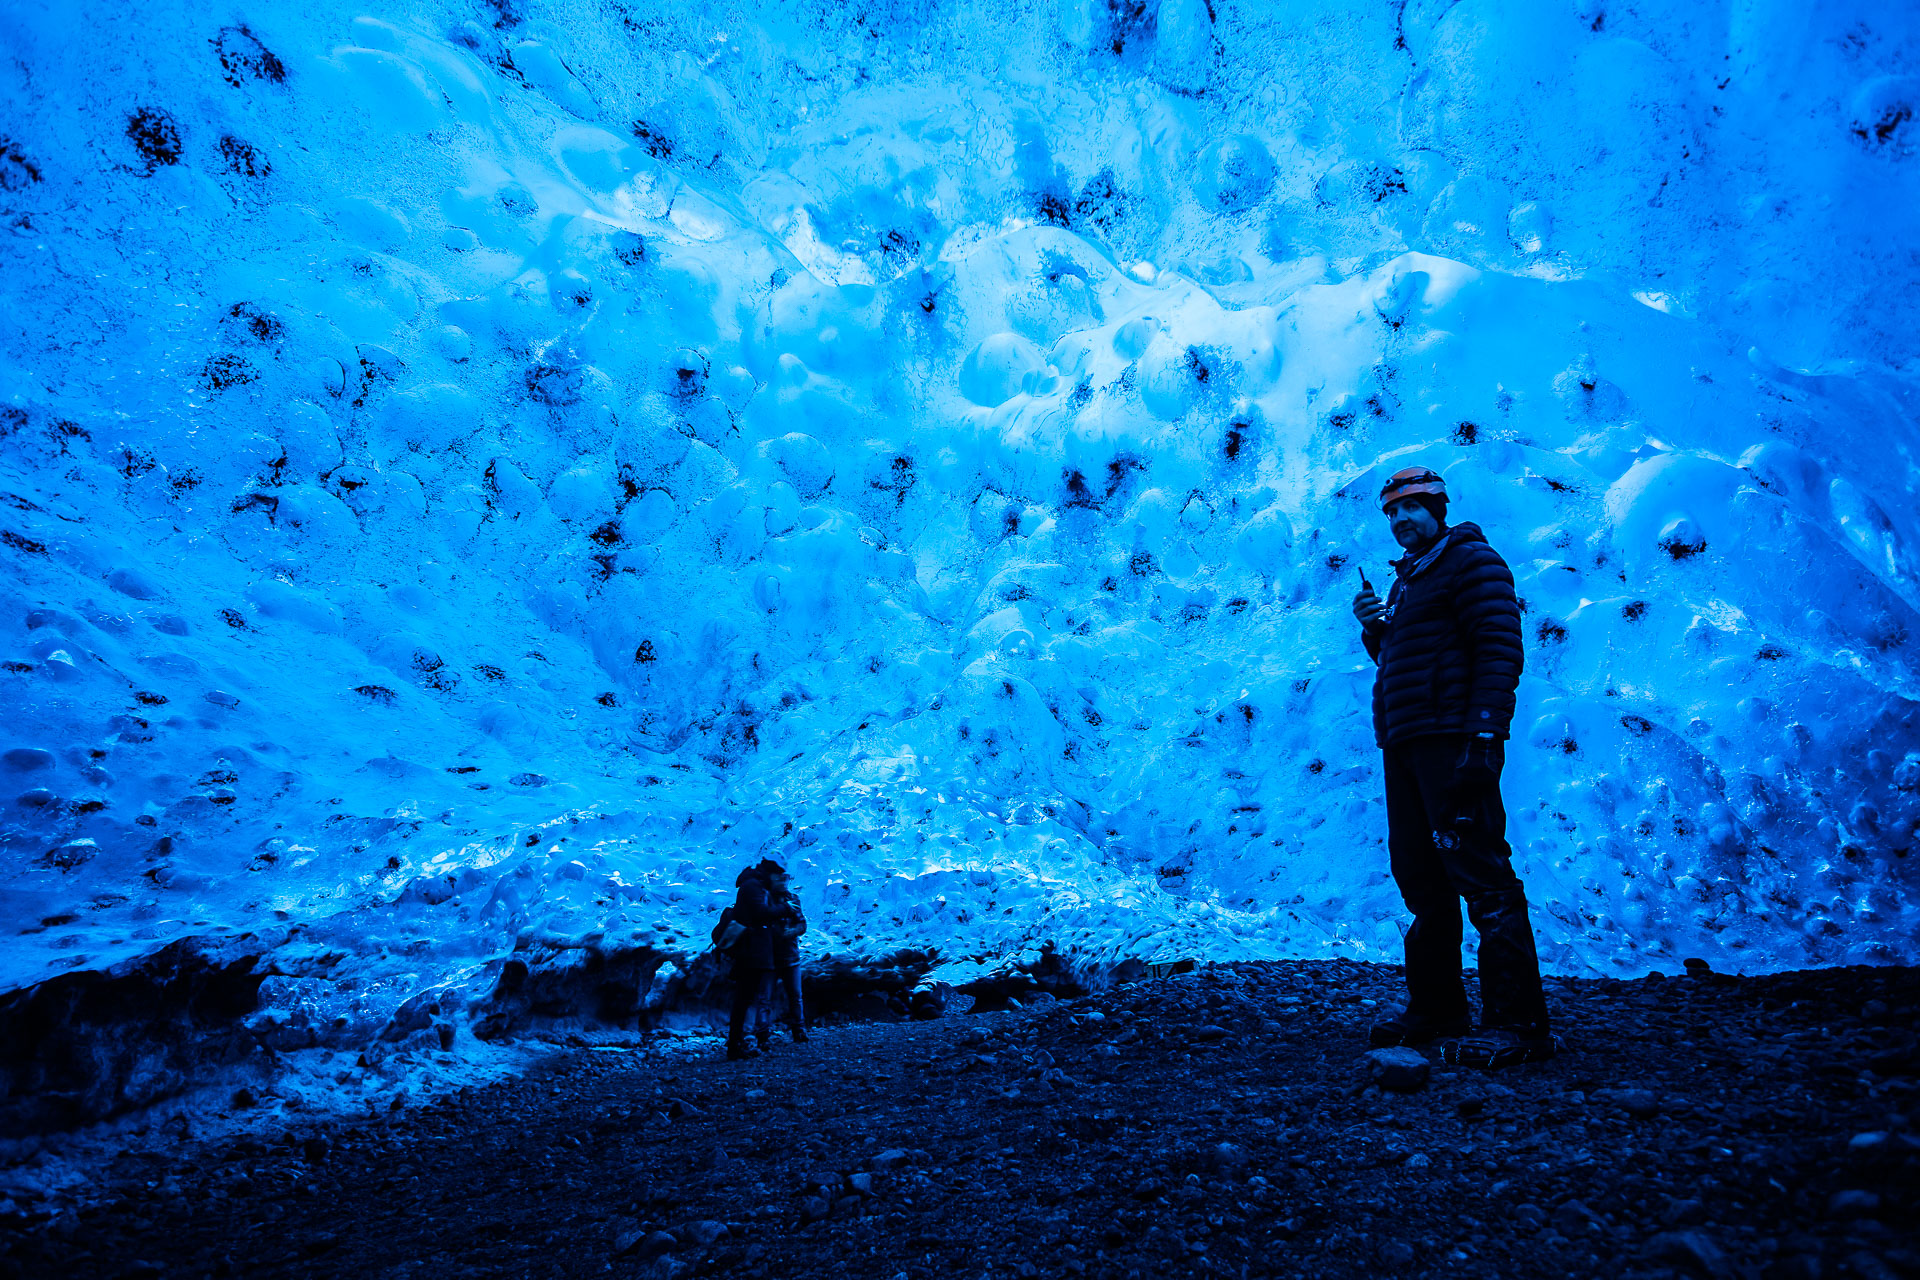 ice-cave-8983